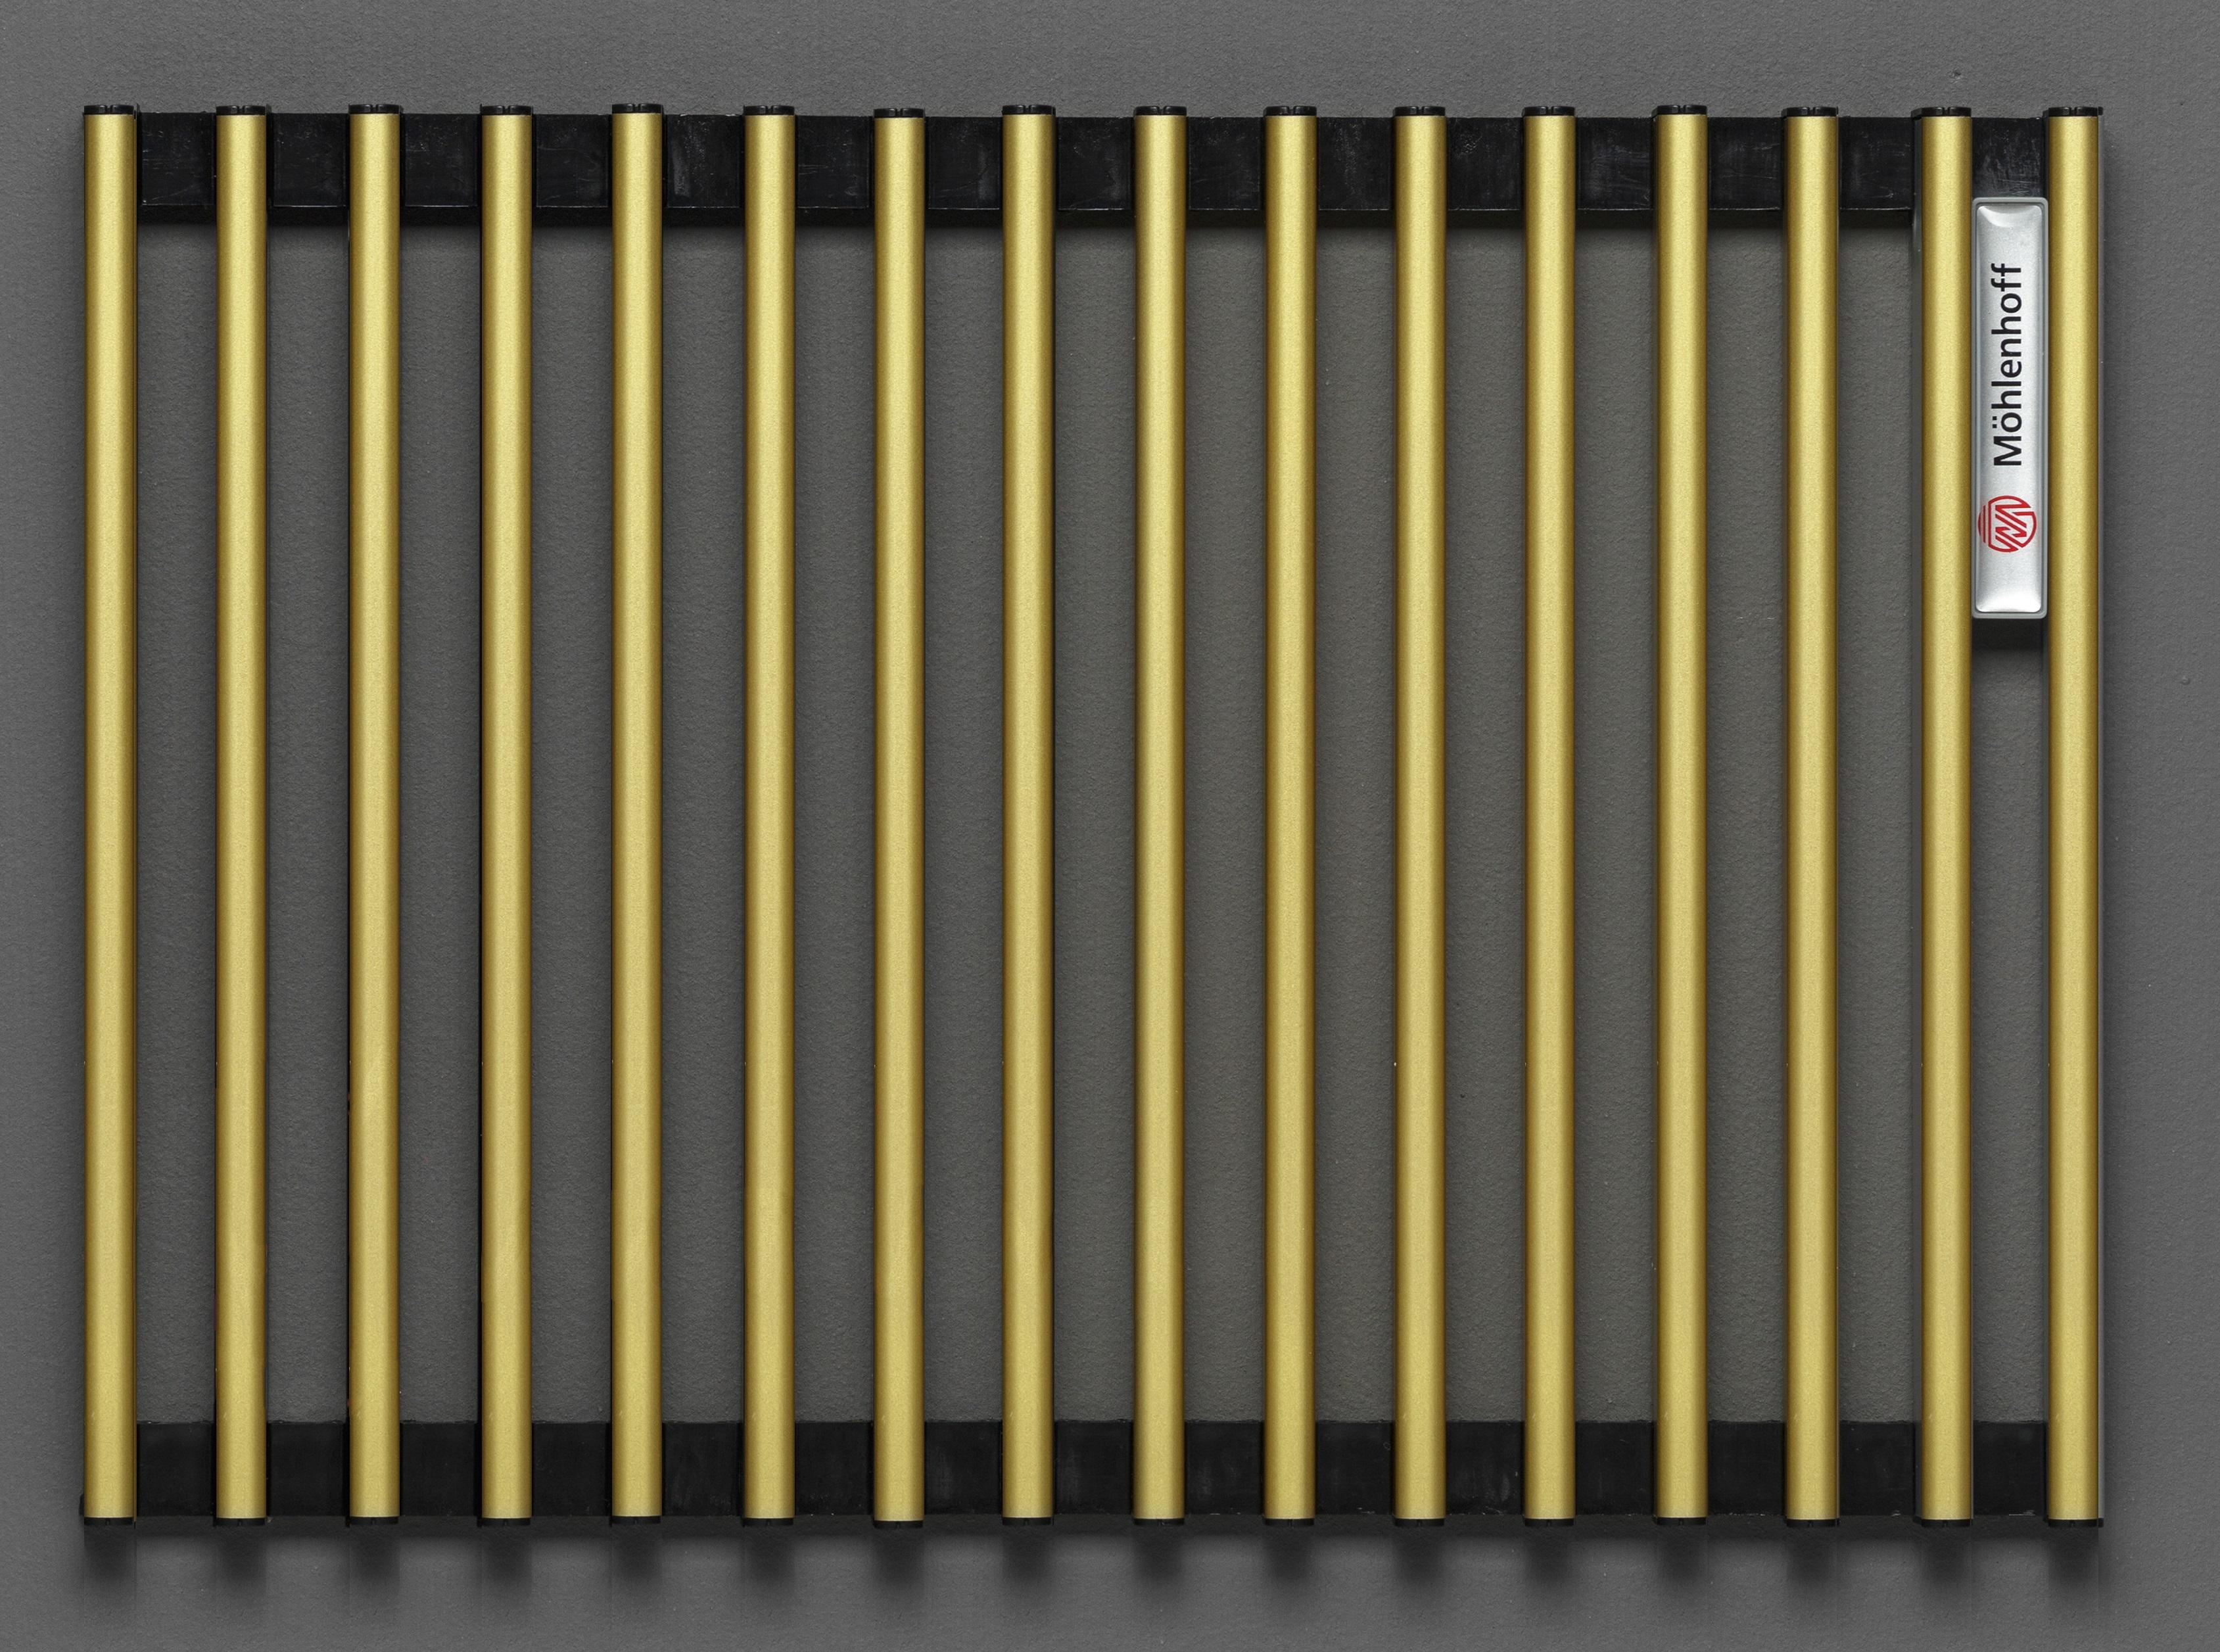 Купить Декоративная решётка Mohlenhoff латунь, шириной 360 мм 1 пог. м, Россия